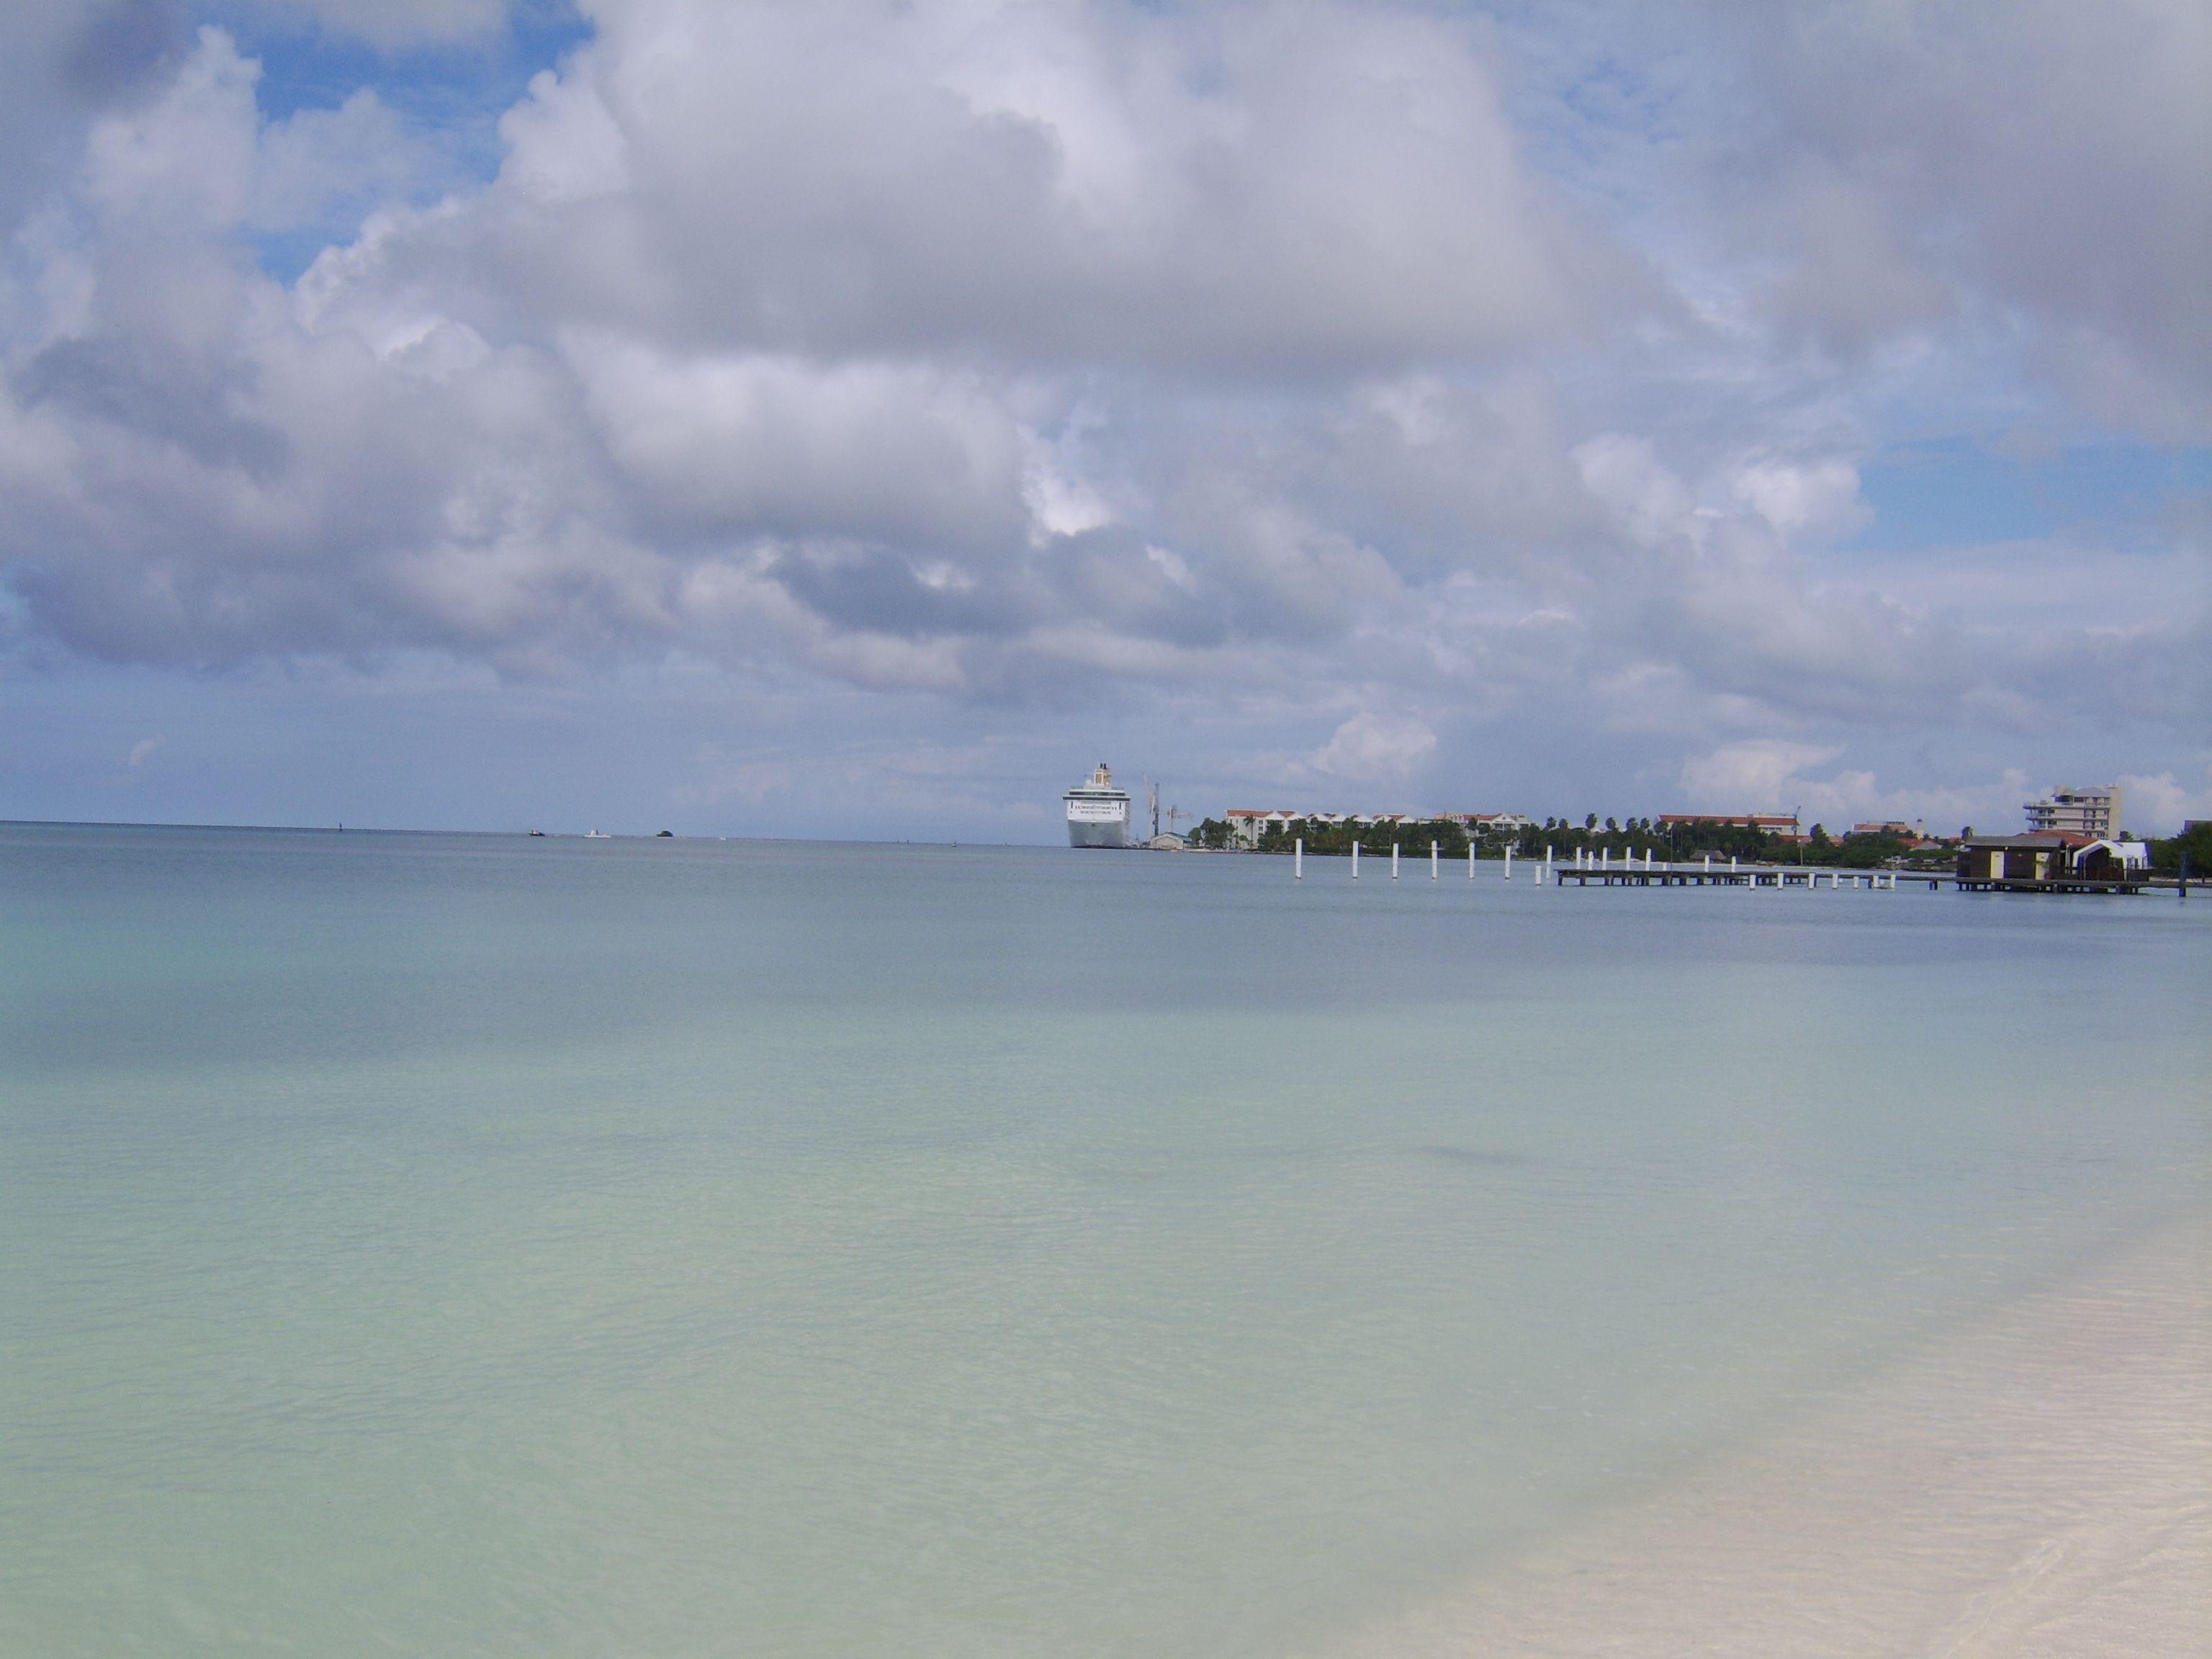 Nikki Beach Aruba Nikki Beach Aruba